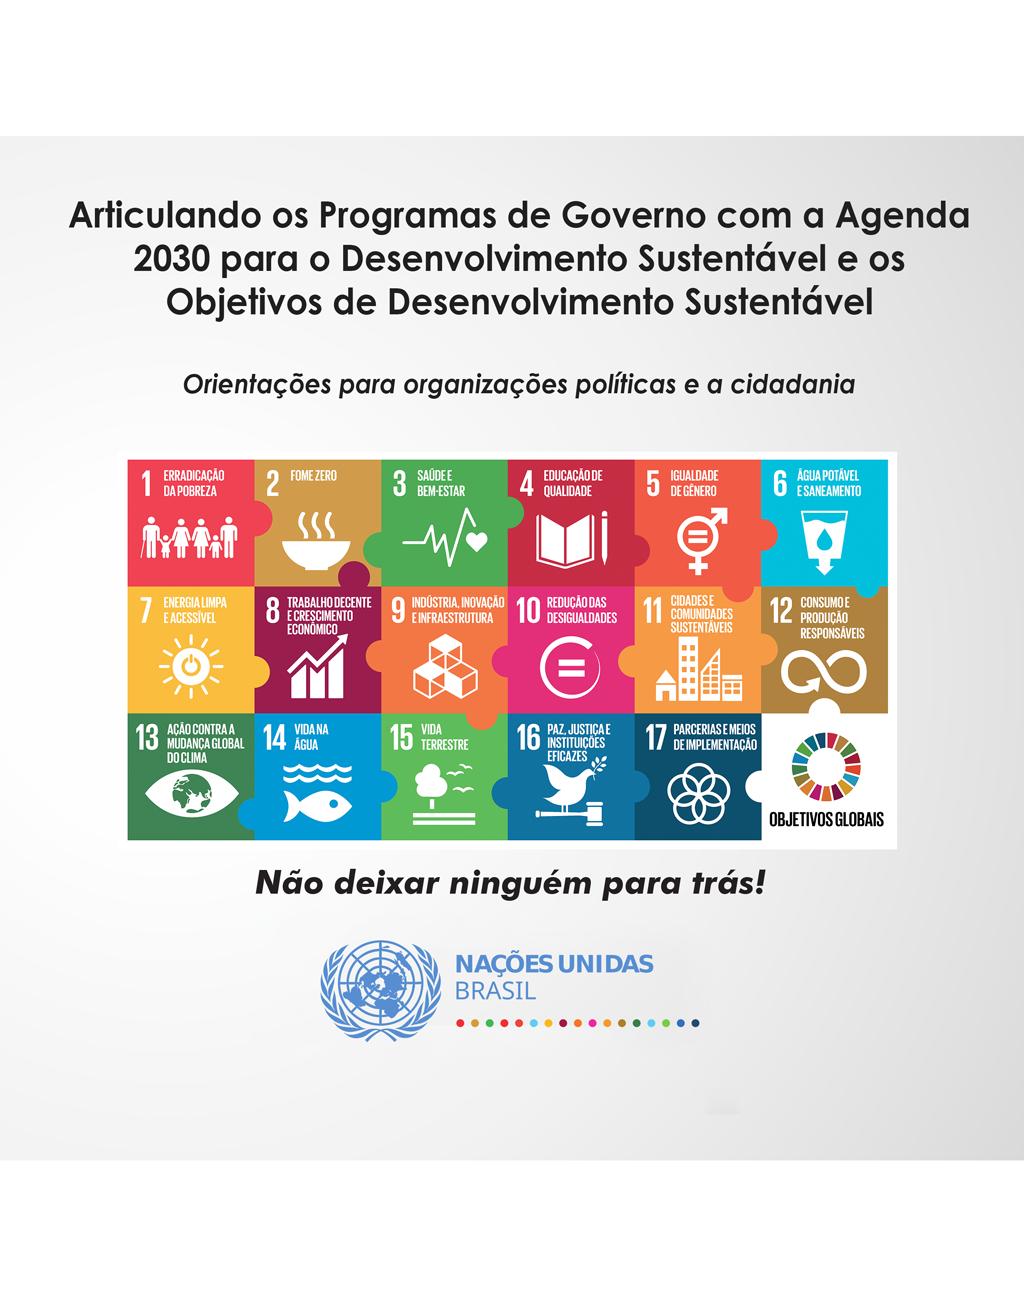 Articulando os Programas de Governo com a Agenda 2030 para o Desenvolvimento Sustentável e os Objetivos de Desenvolvimento Sustentável